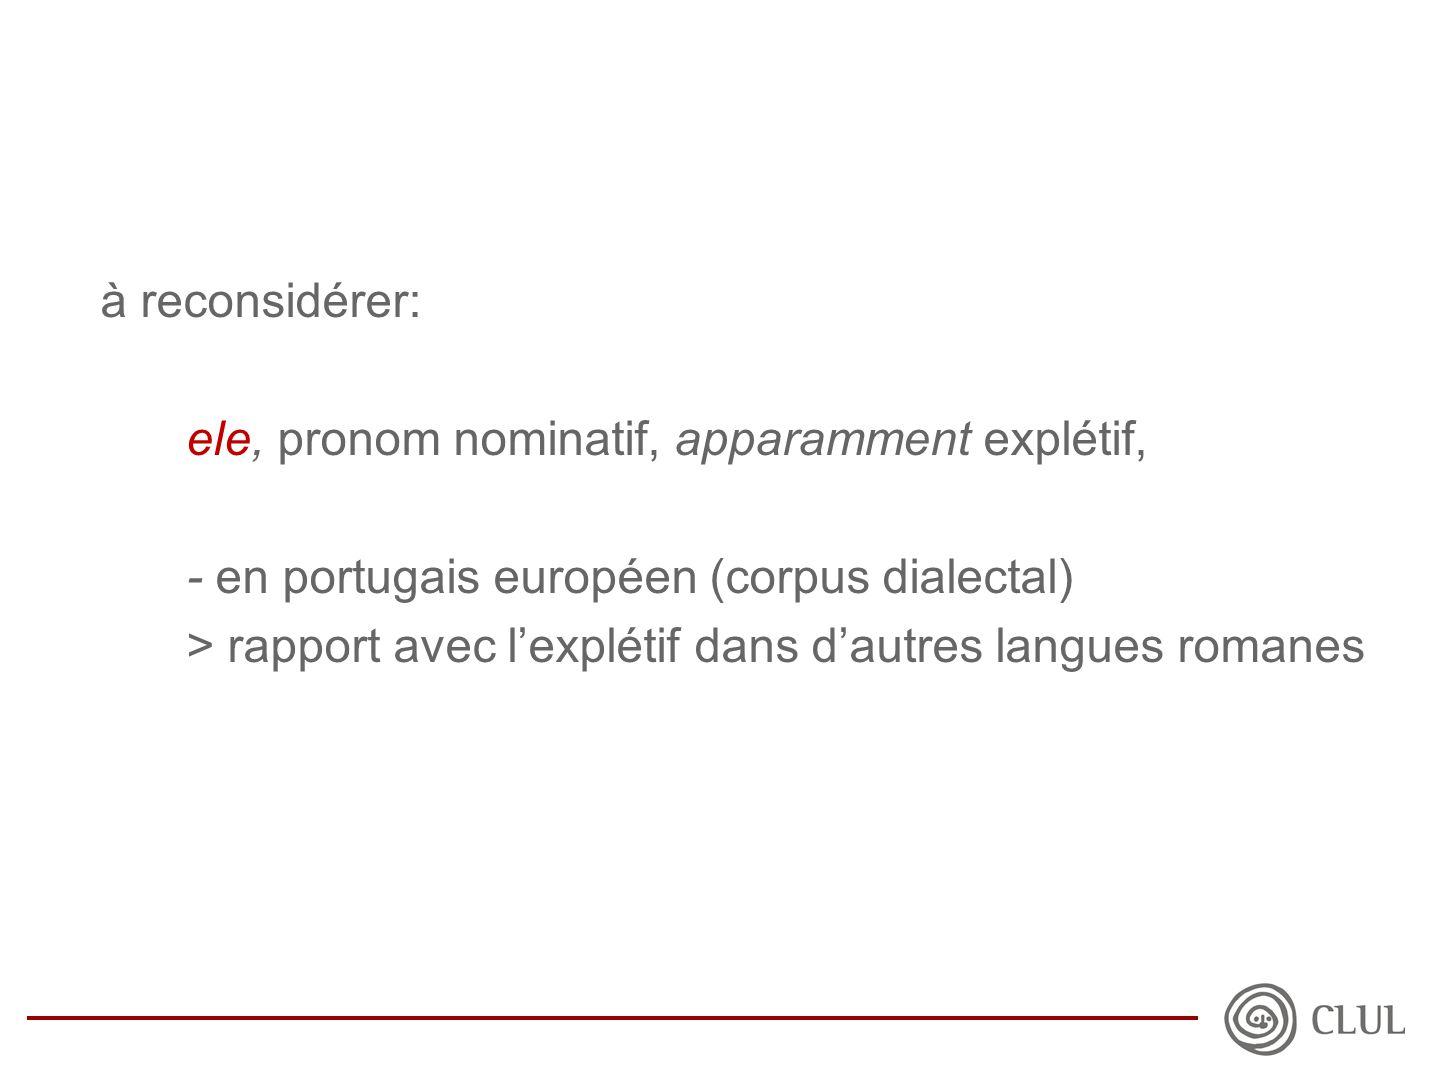 à reconsidérer: ele, pronom nominatif, apparamment explétif, - en portugais européen (corpus dialectal) > rapport avec l'explétif dans d'autres langues romanes